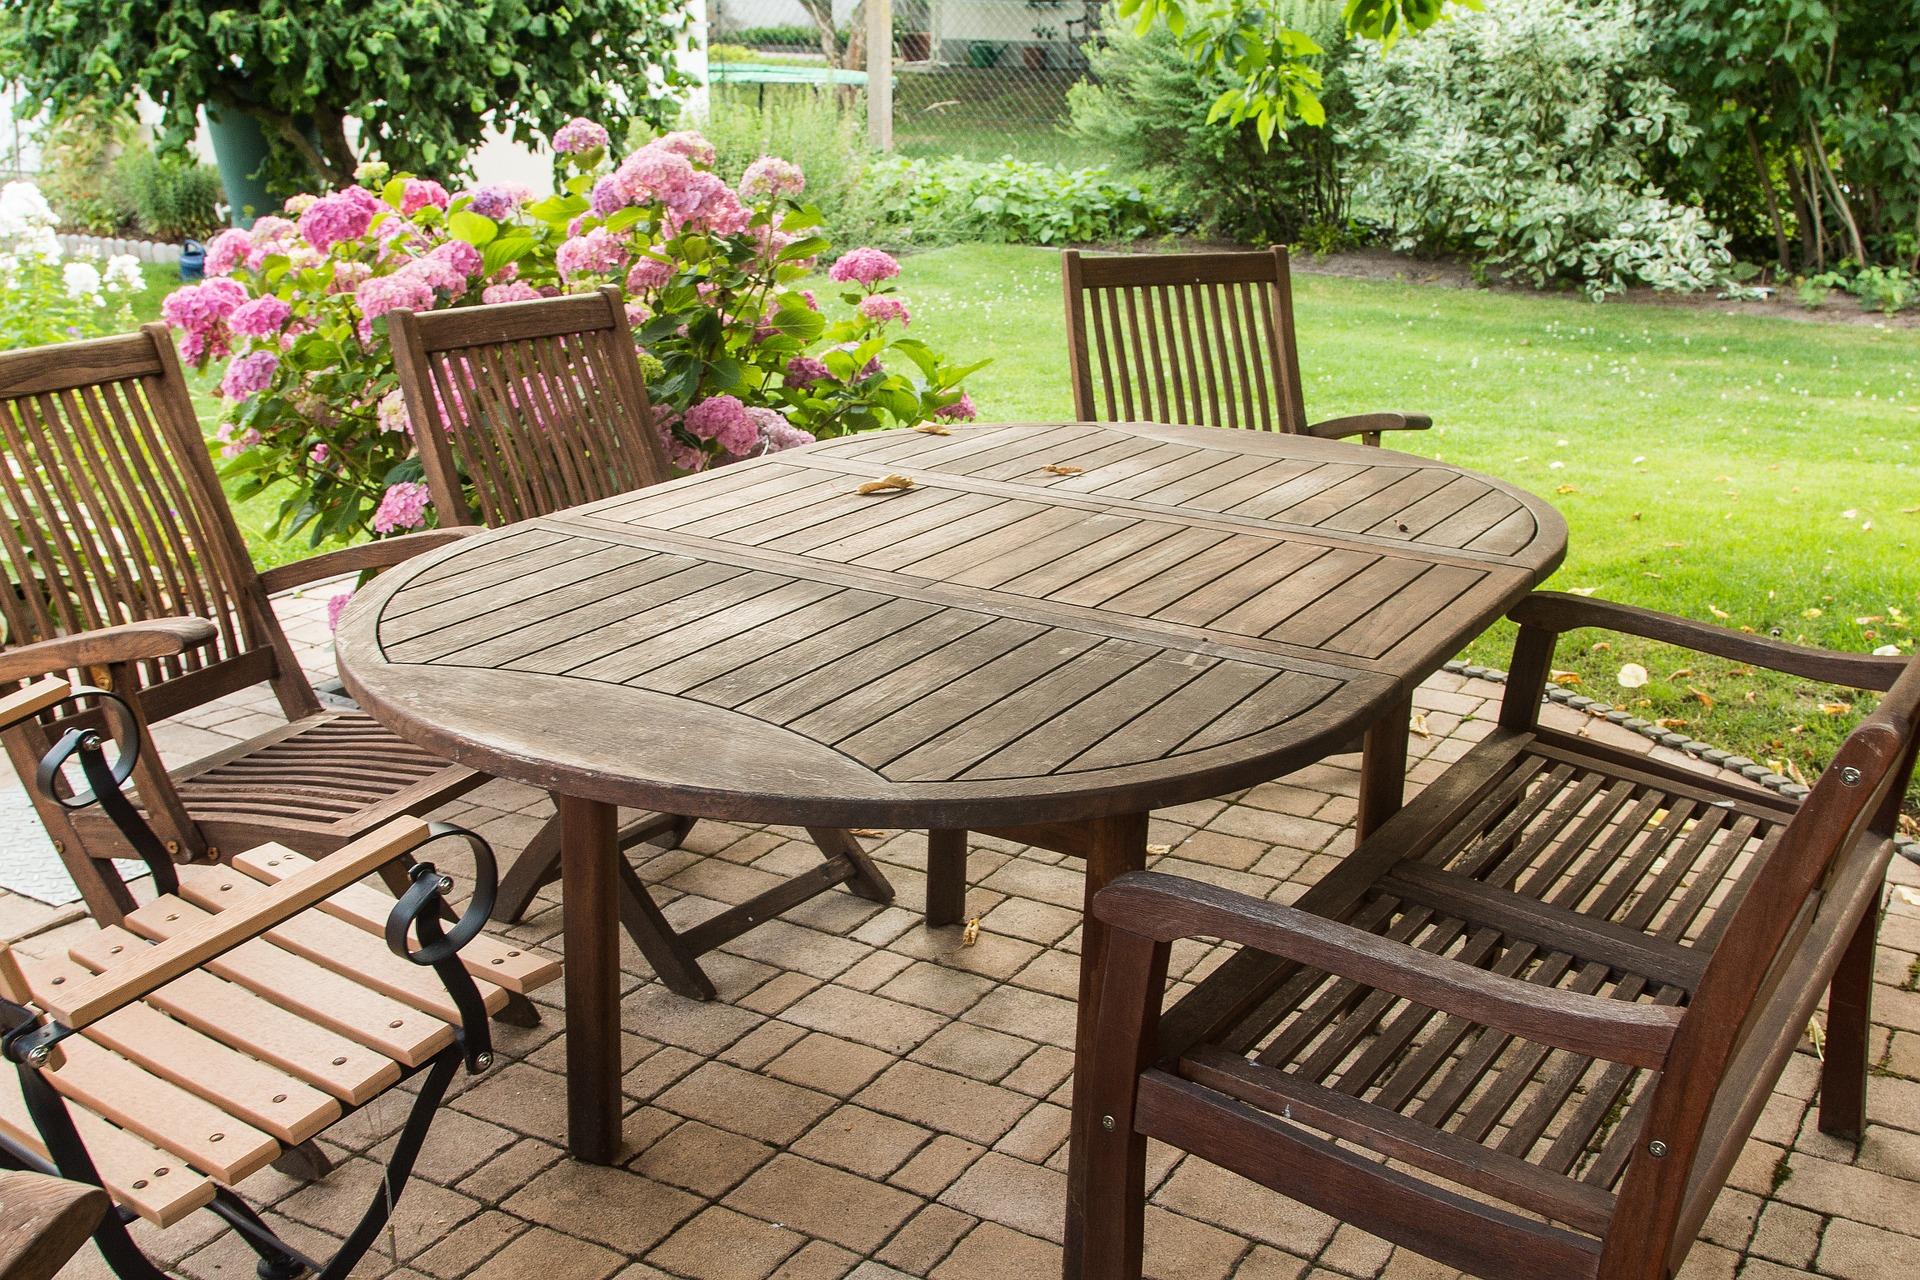 Fabriquer soi-même son mobilier de jardin - Atelier 14